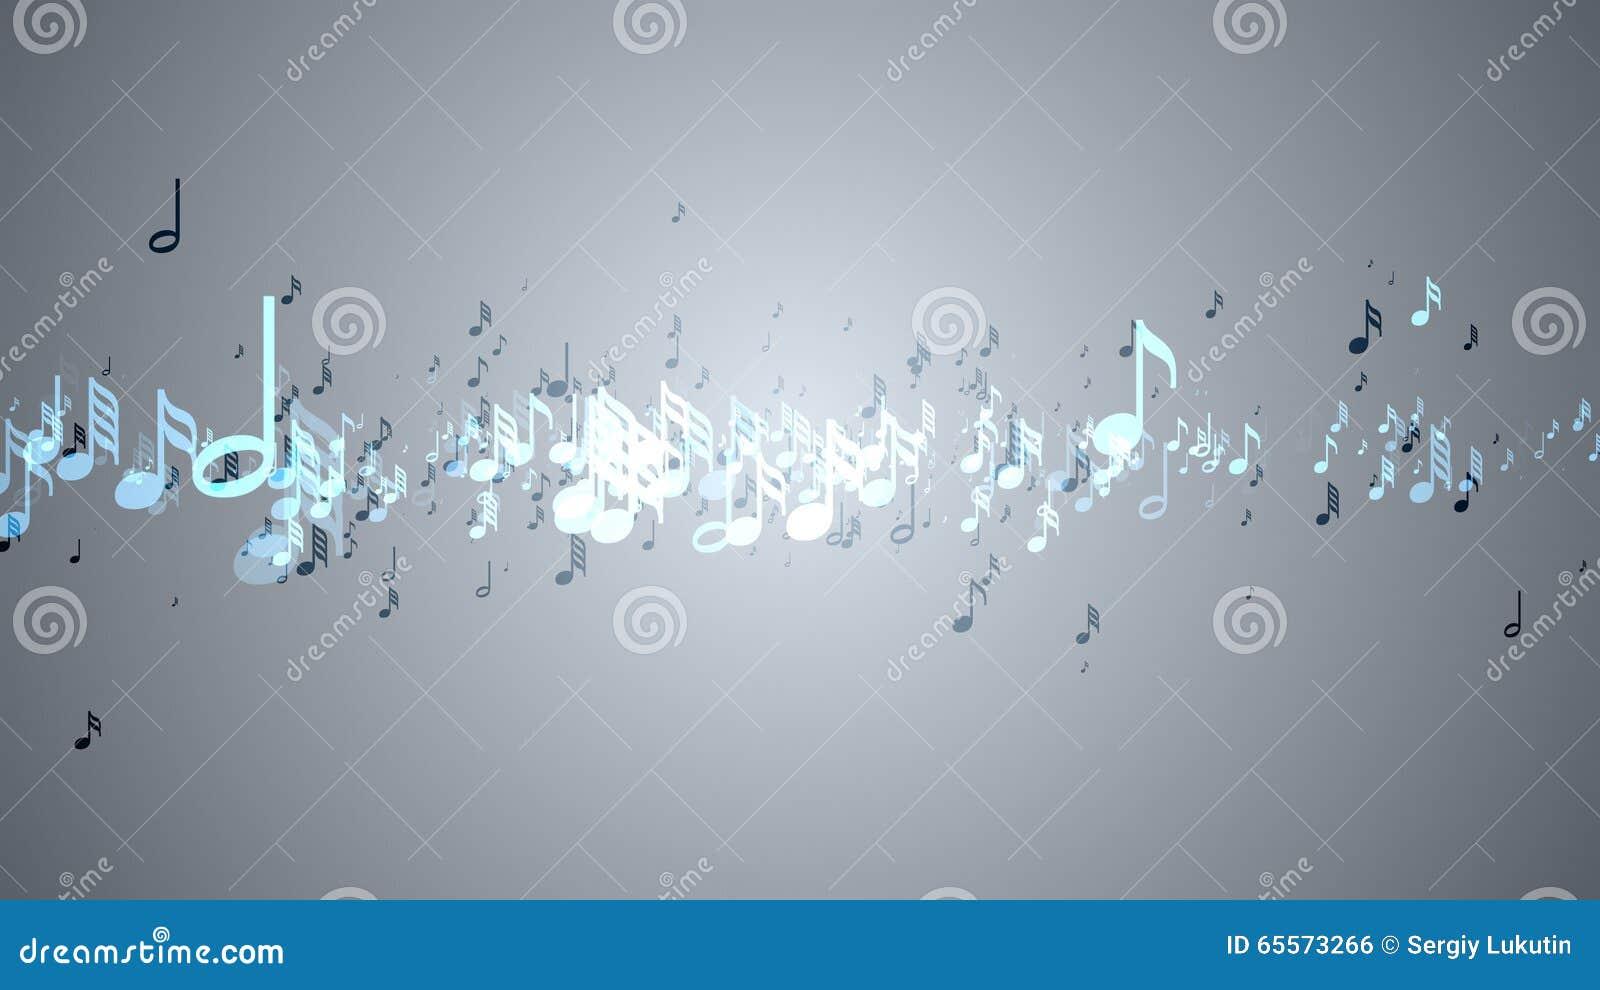 As notas musicais com profundidade de campo